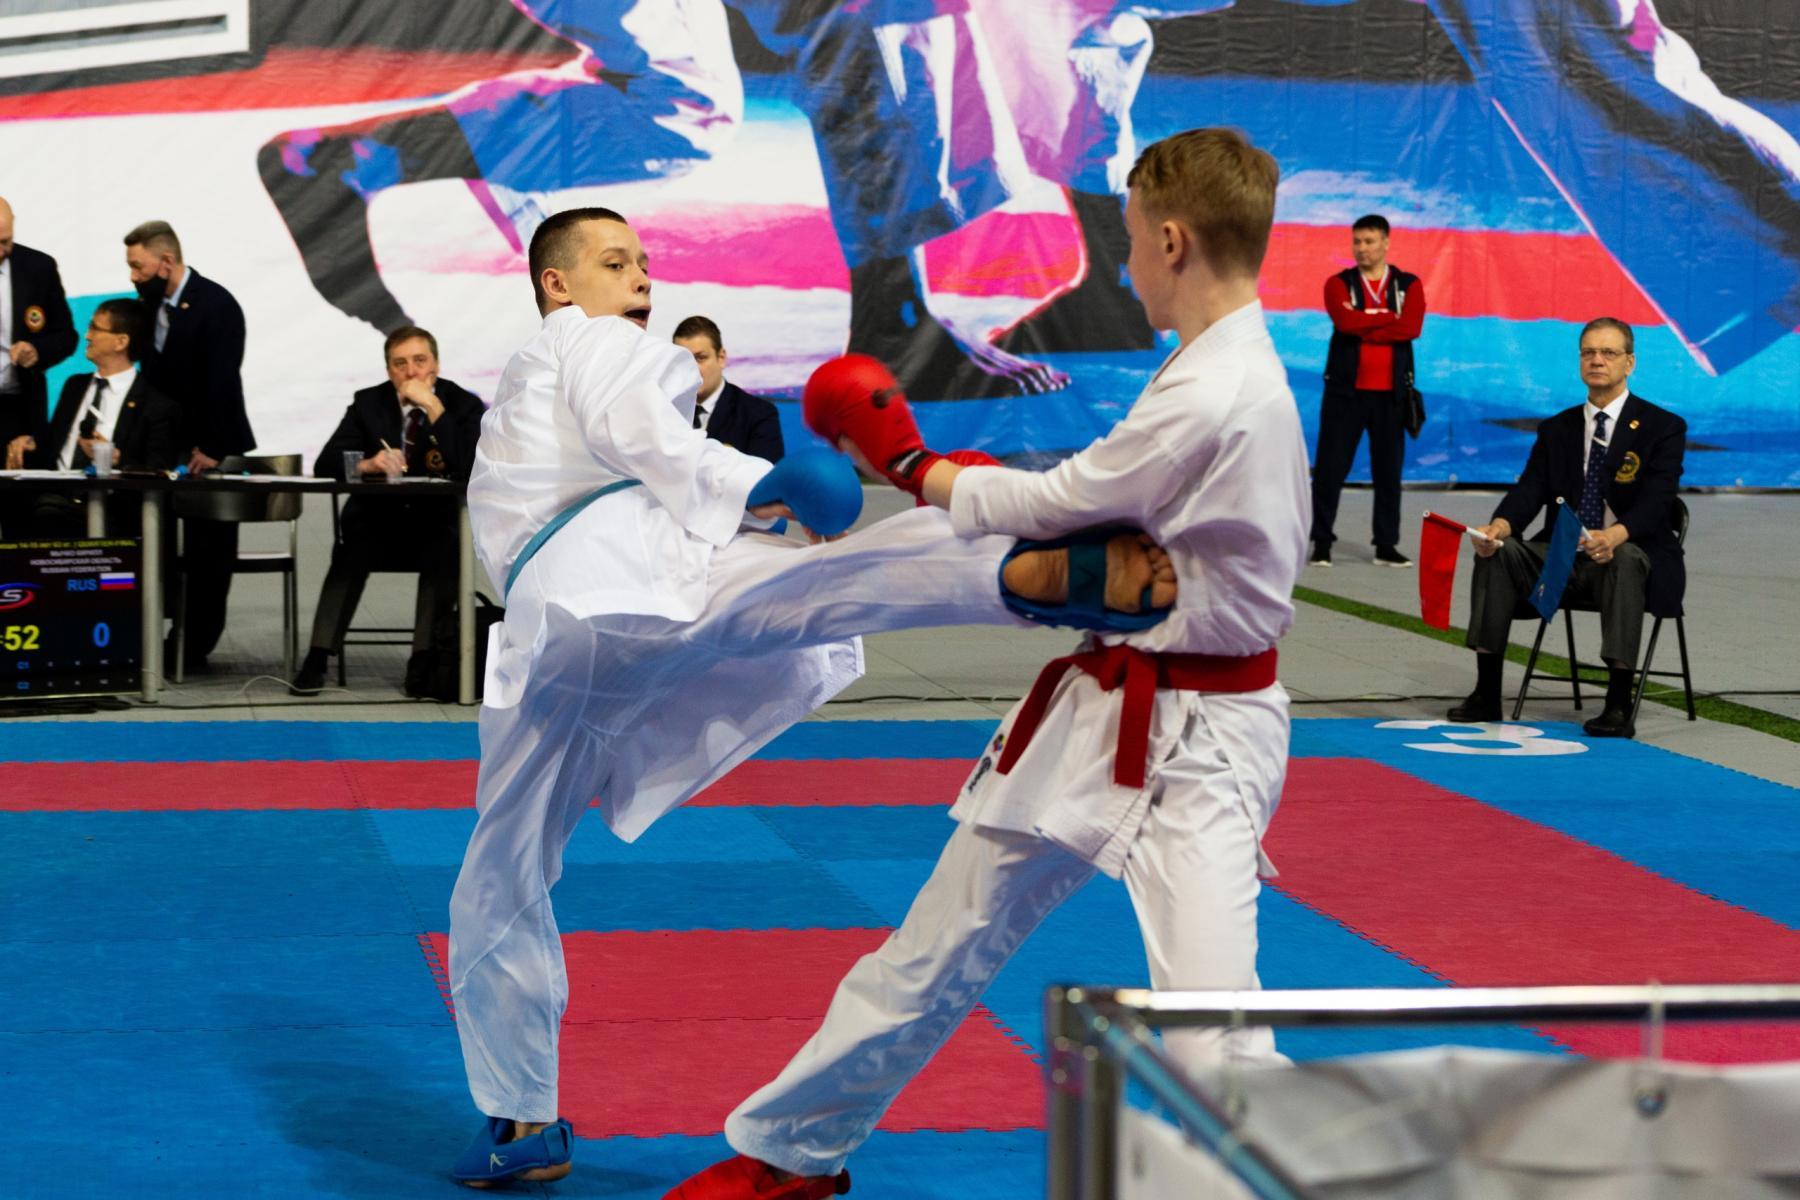 фото В Новосибирске торжественно открыли соревнования по карате «Кубок Успеха» 5